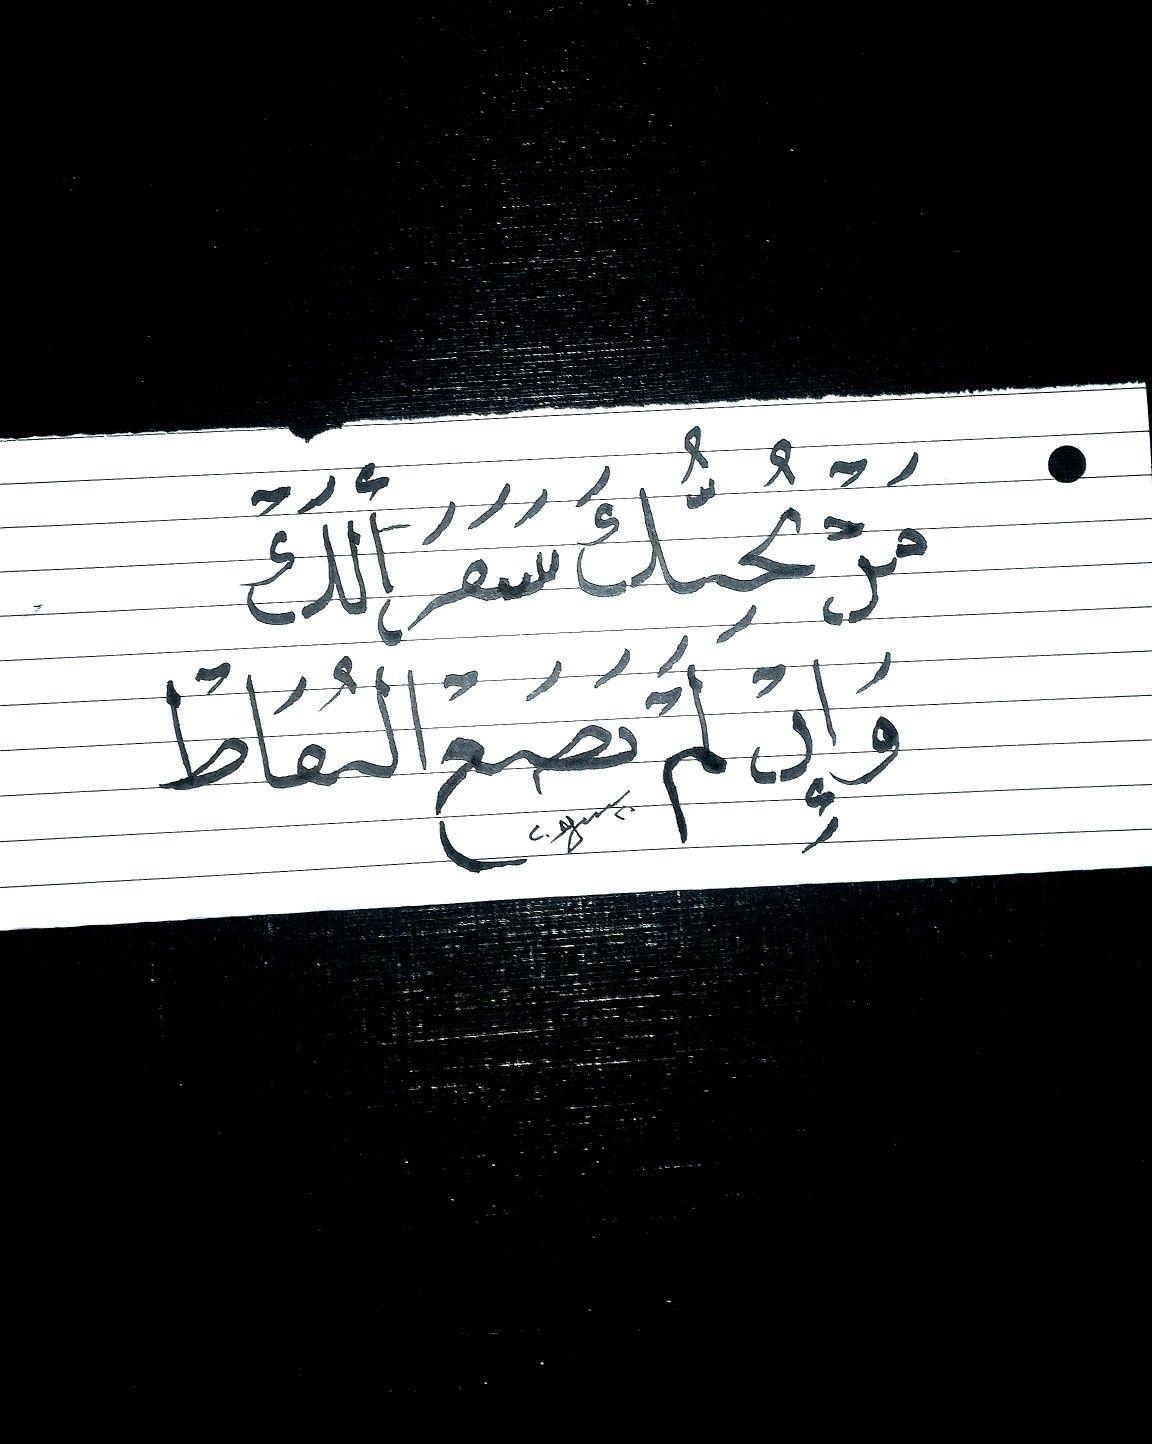 من يحبك سيقرا لك وان لم تضع النقاط Logos Calligraphy Handwriting